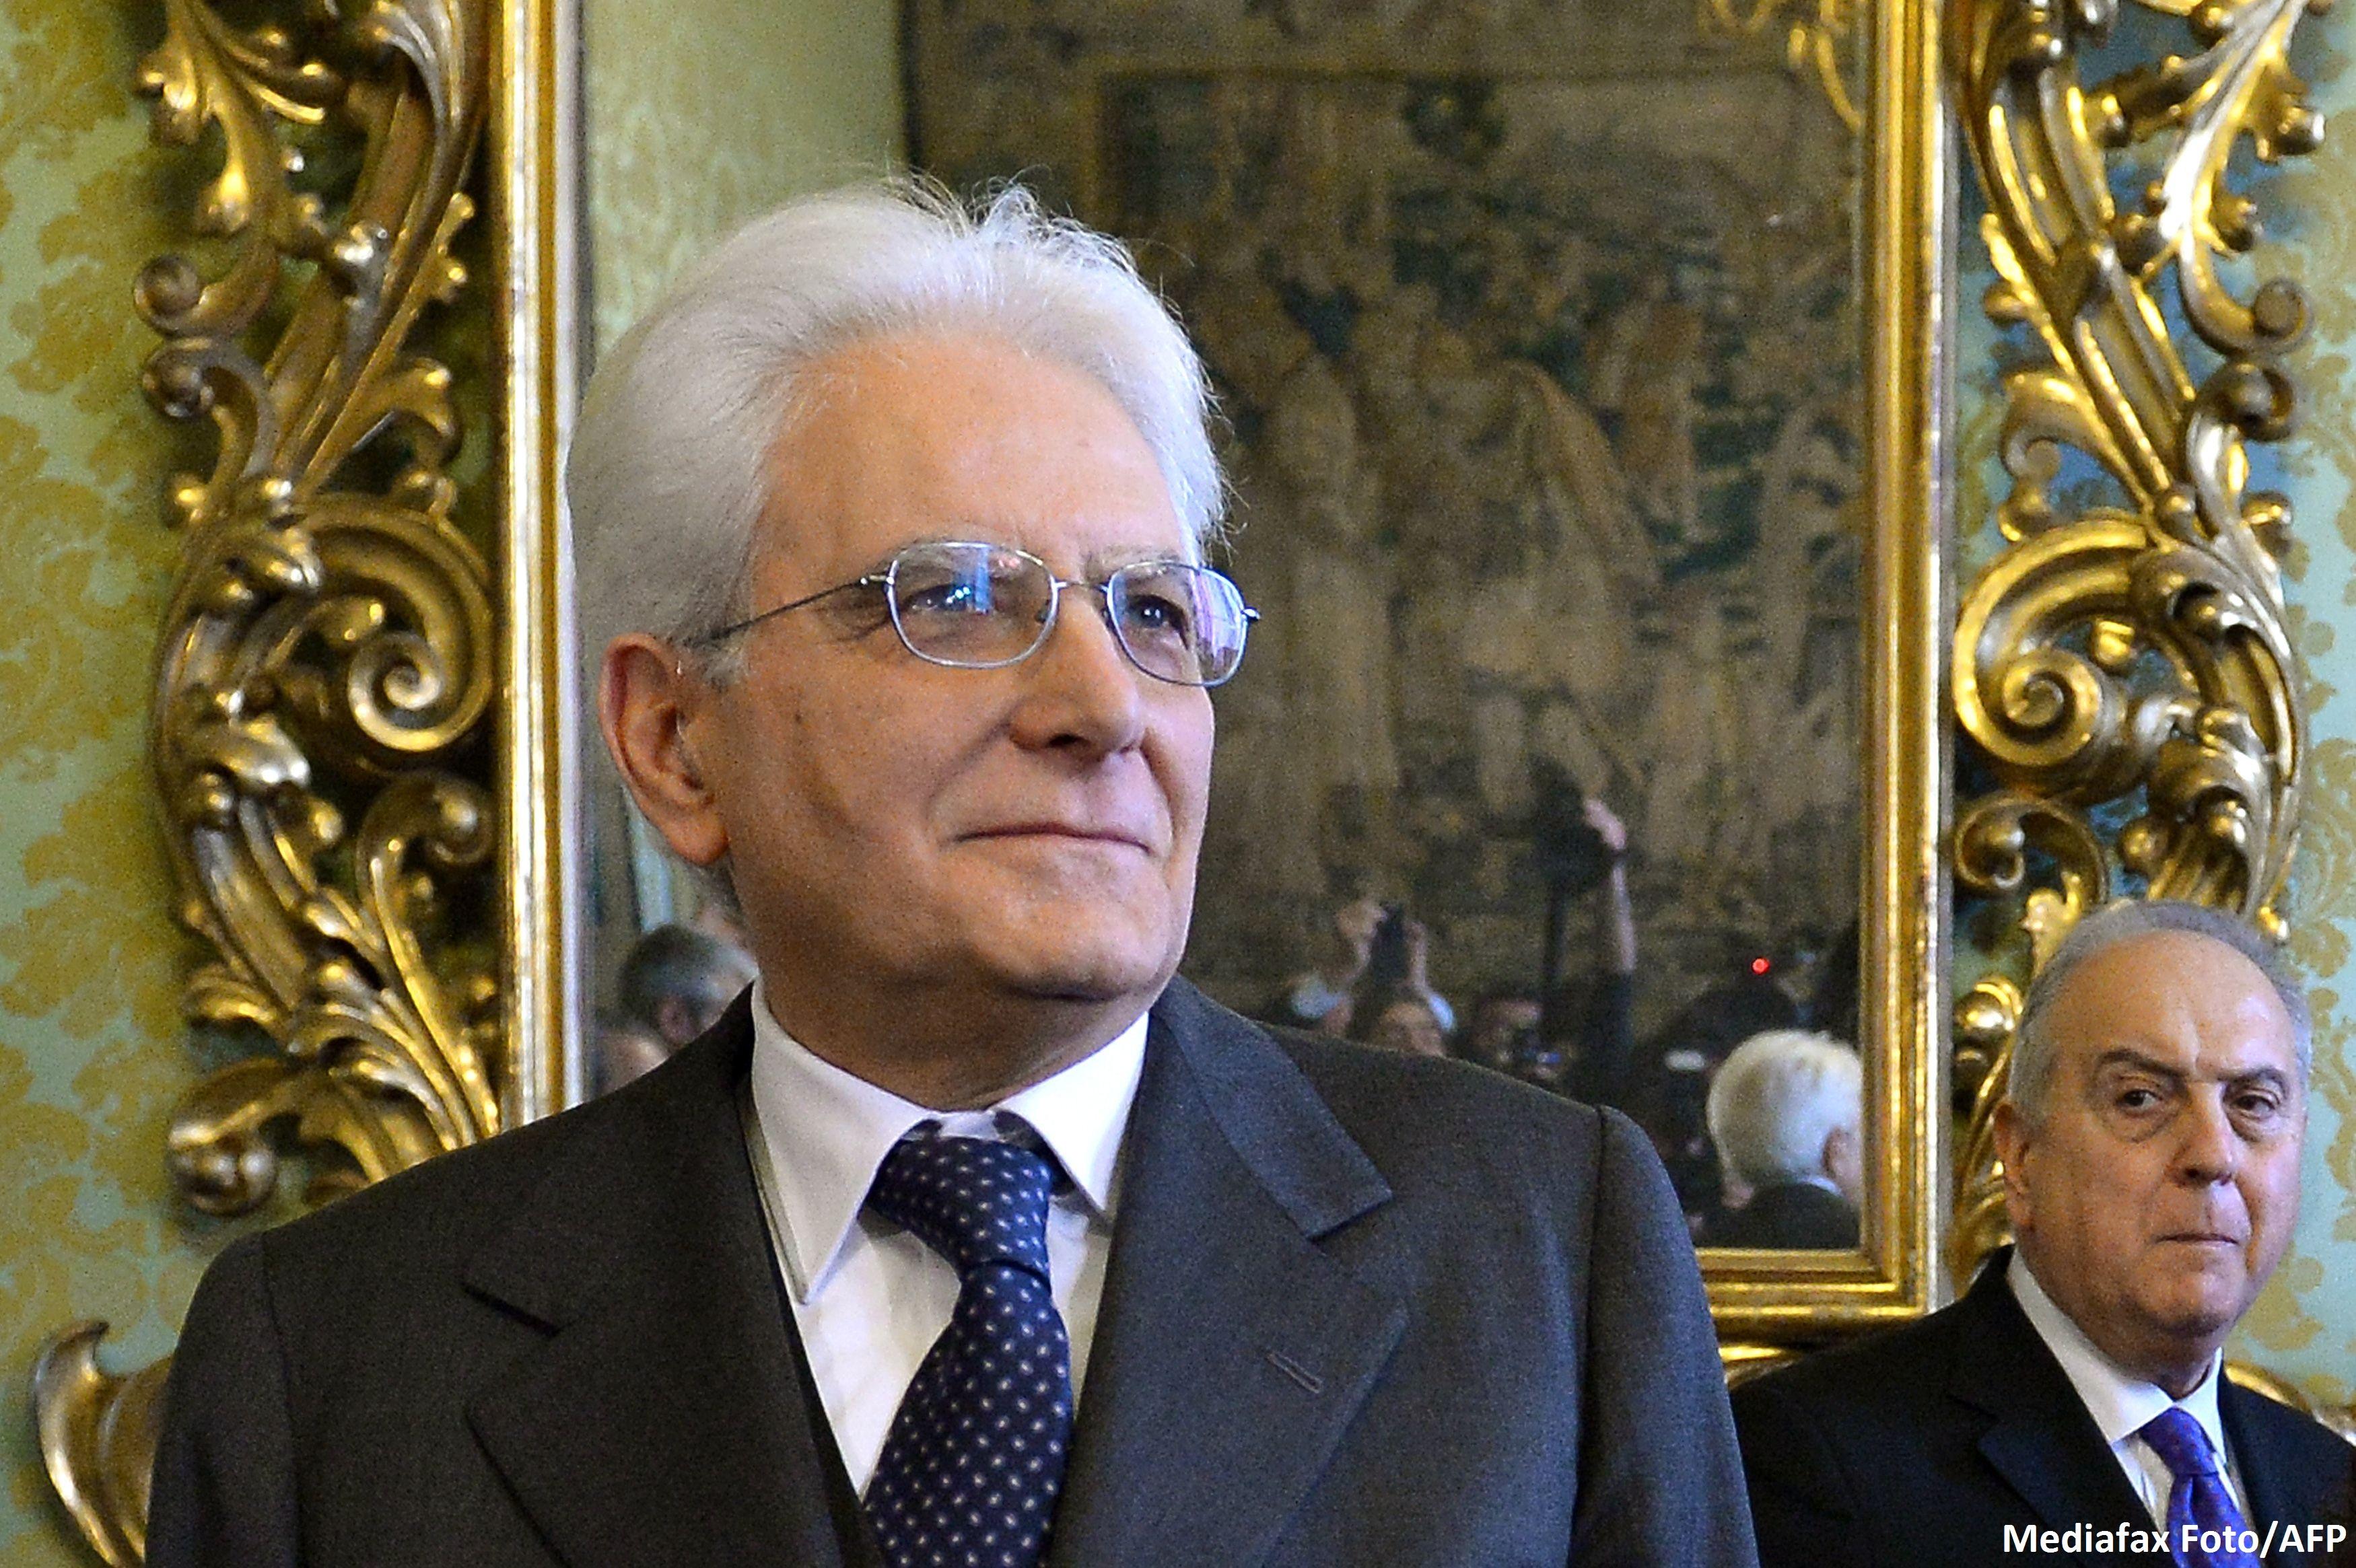 Presedintele Italiei, despre asasinarea fratelui sau de catre Mafie: